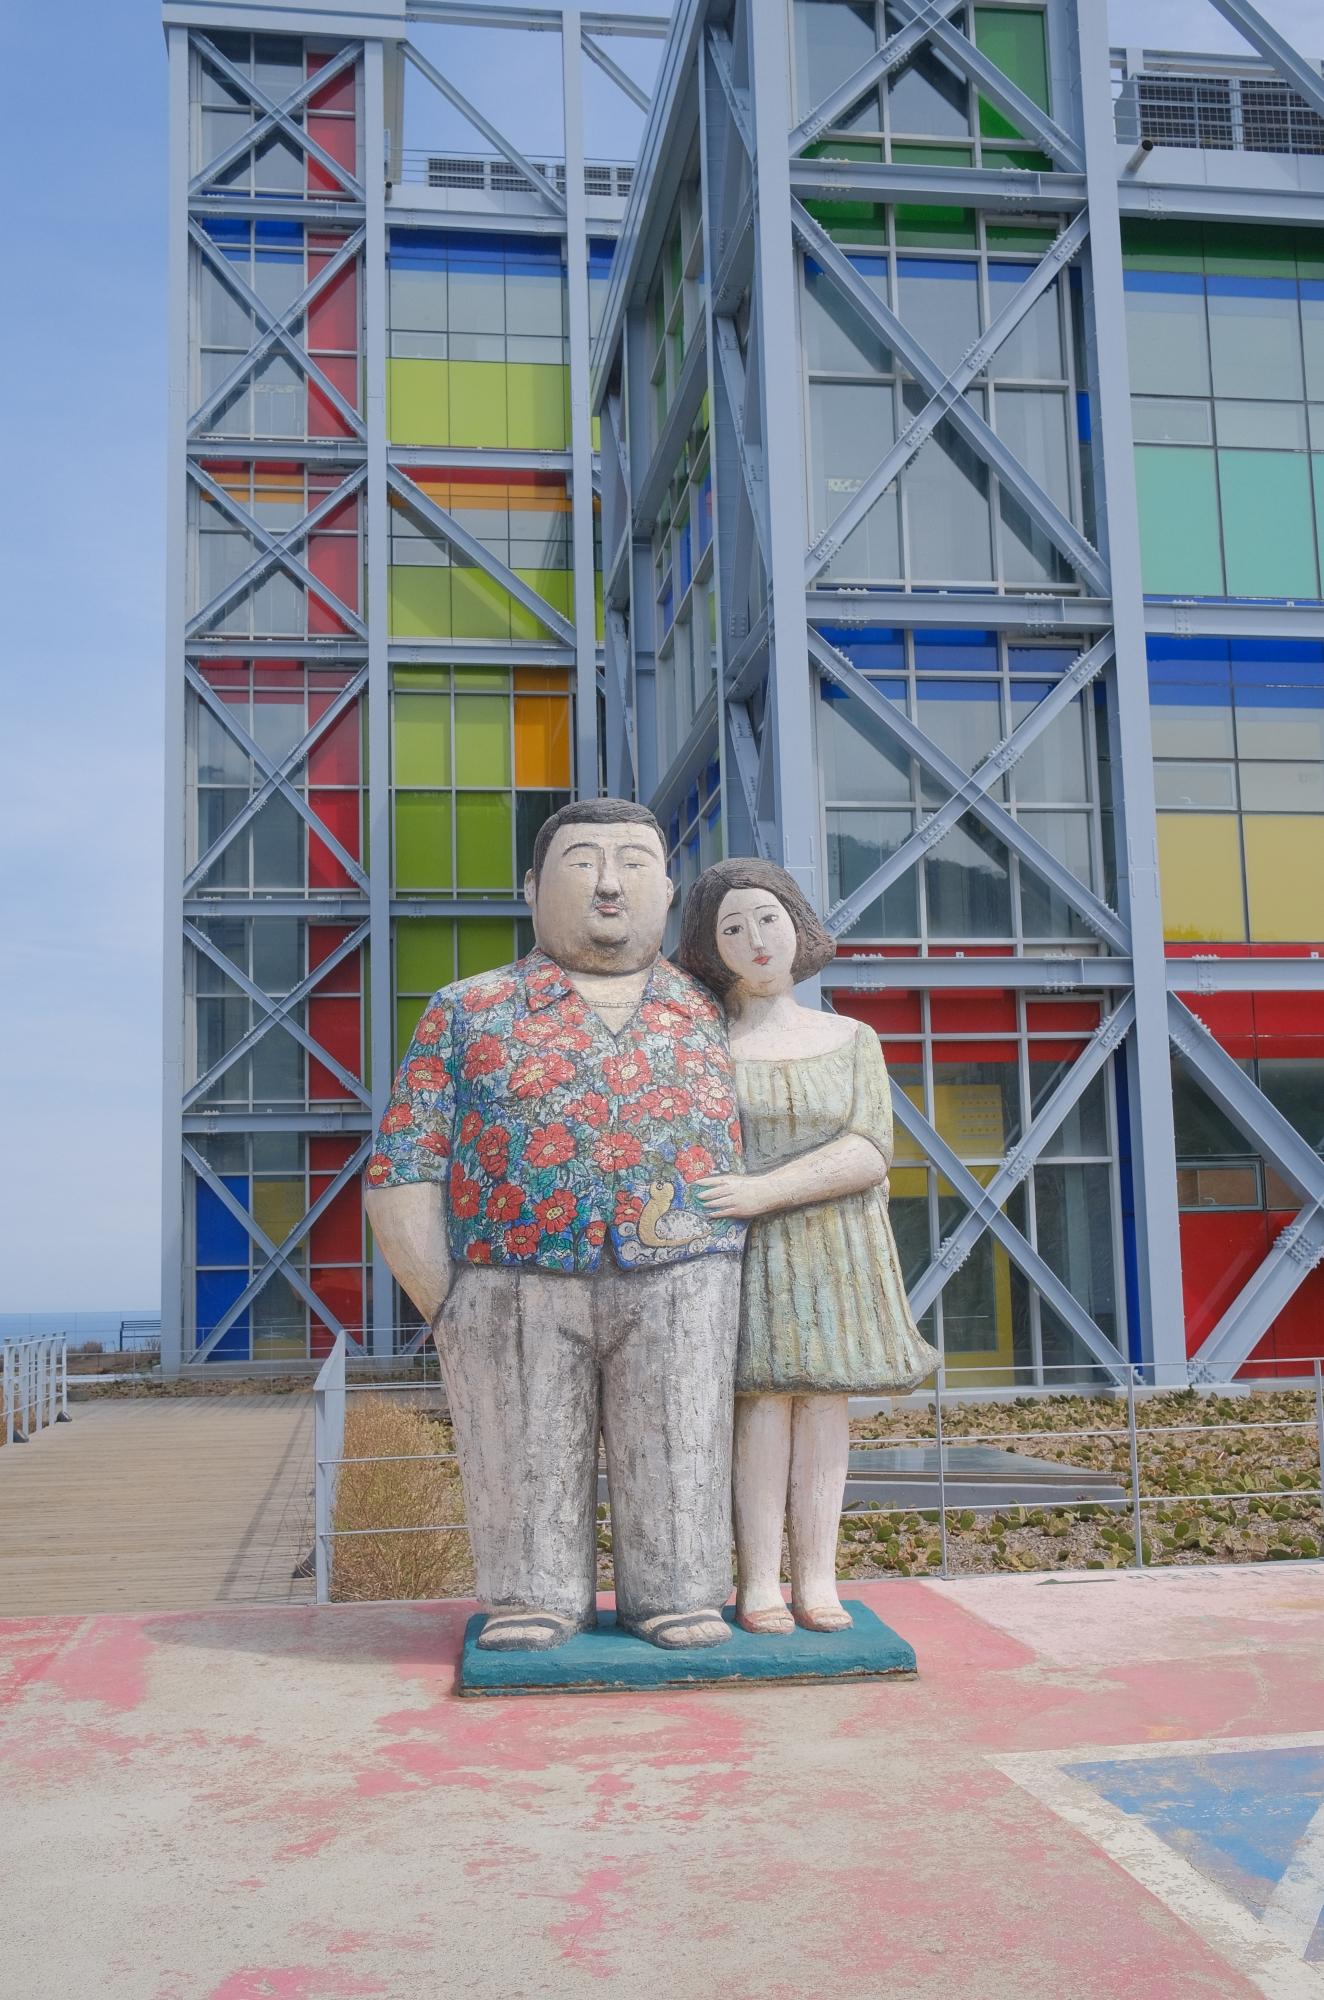 강릉 가볼만한곳 / 하슬라아트월드 15 / 미술관